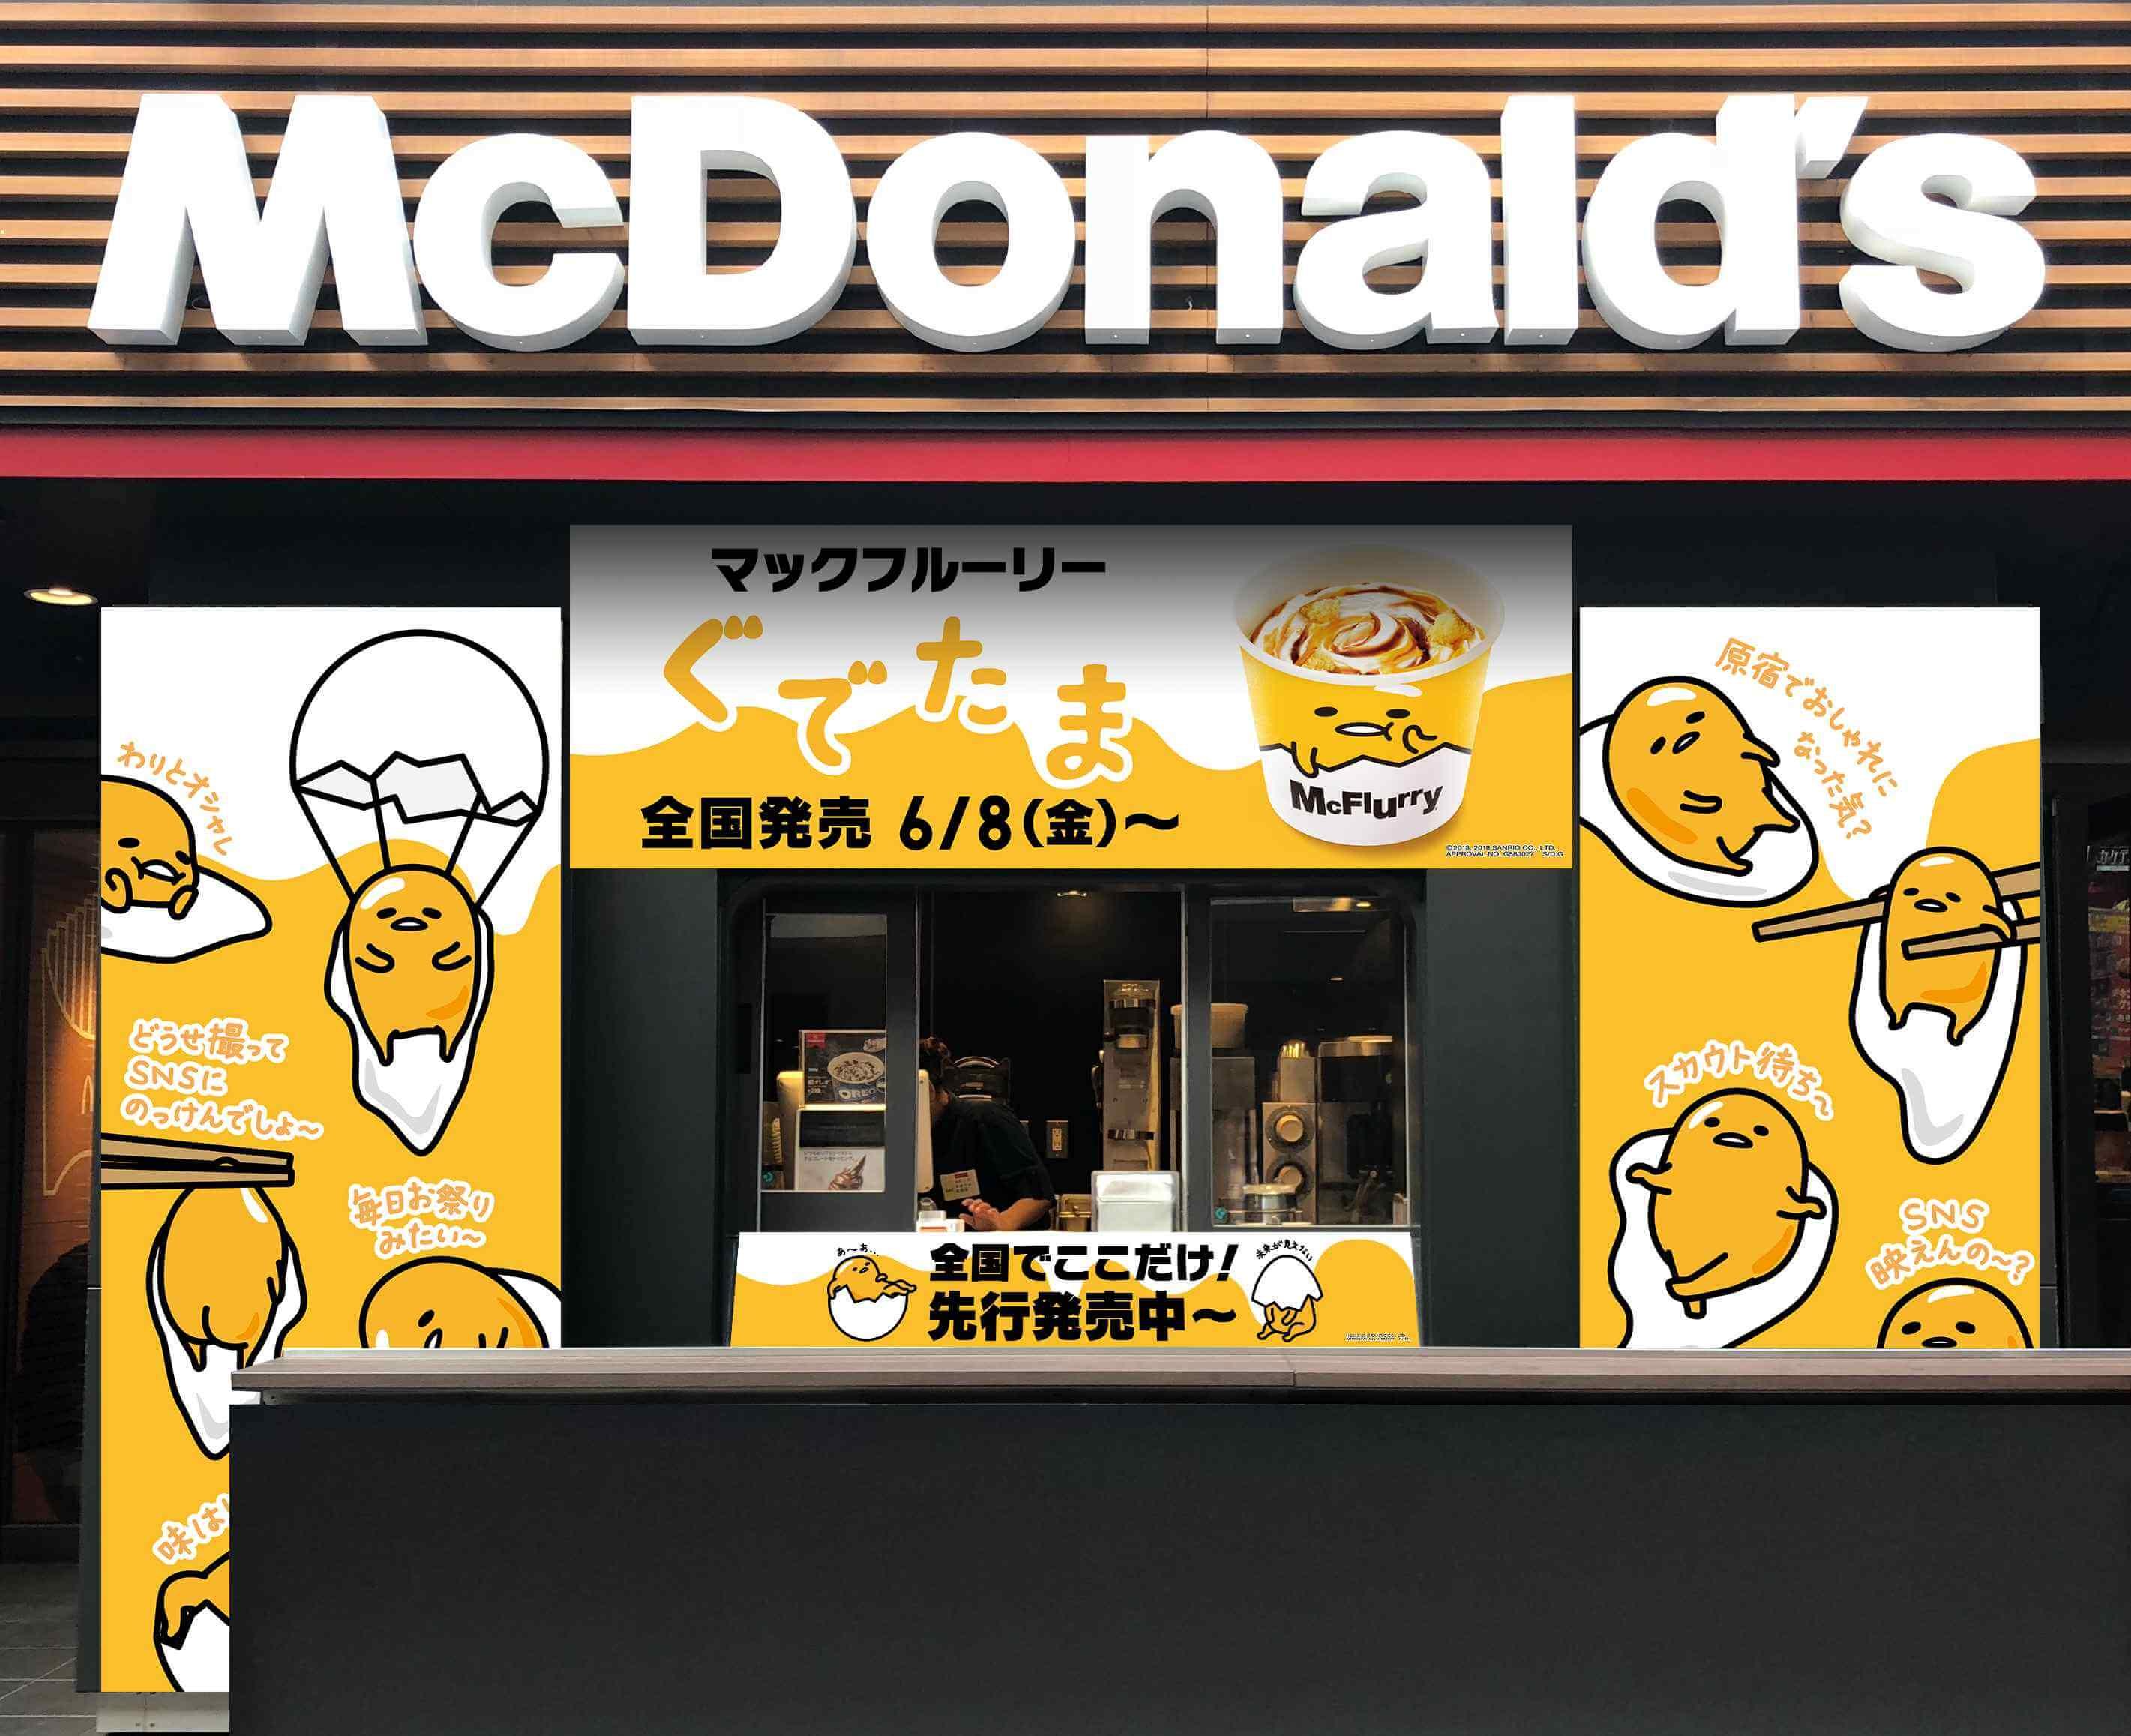 ぐでたま マックフルーリー ぐでたま味 マクドナルド原宿竹下通り店